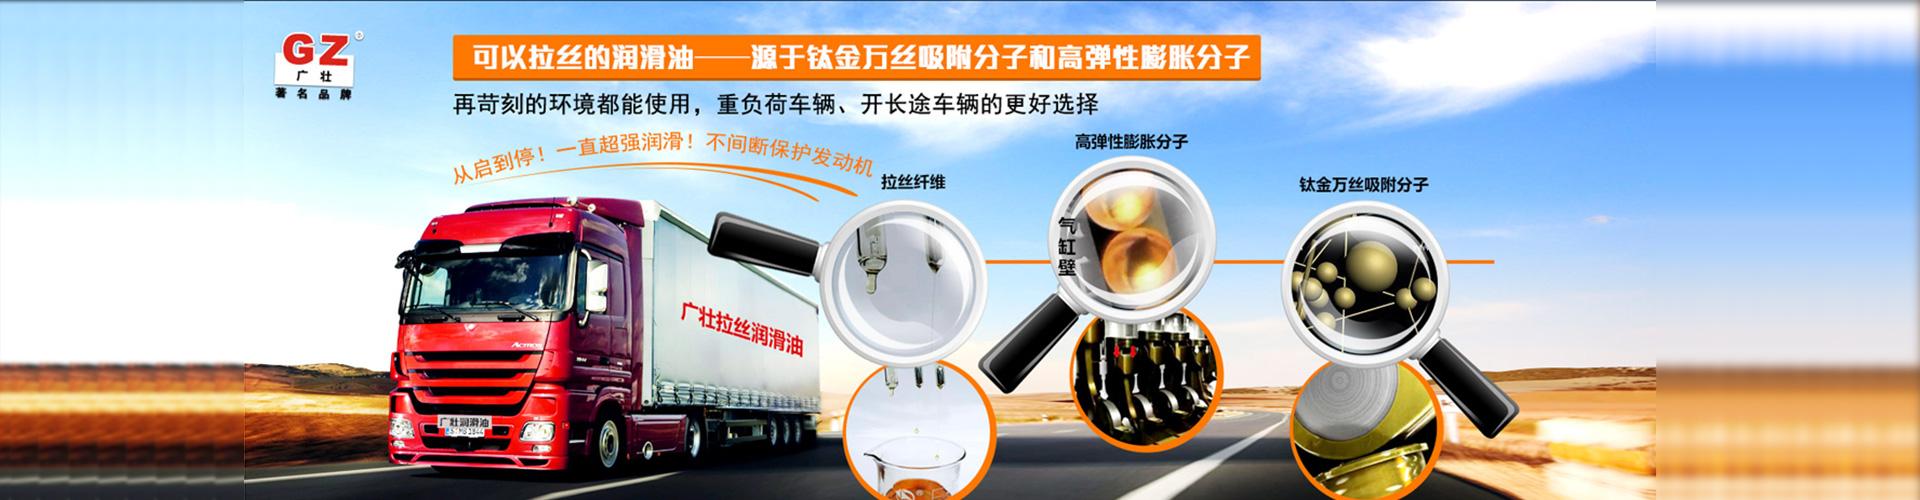 福建潤滑油,四川高端潤滑油,貴陽潤滑油品牌,海口高端潤滑油品牌,廣西潤滑油品牌